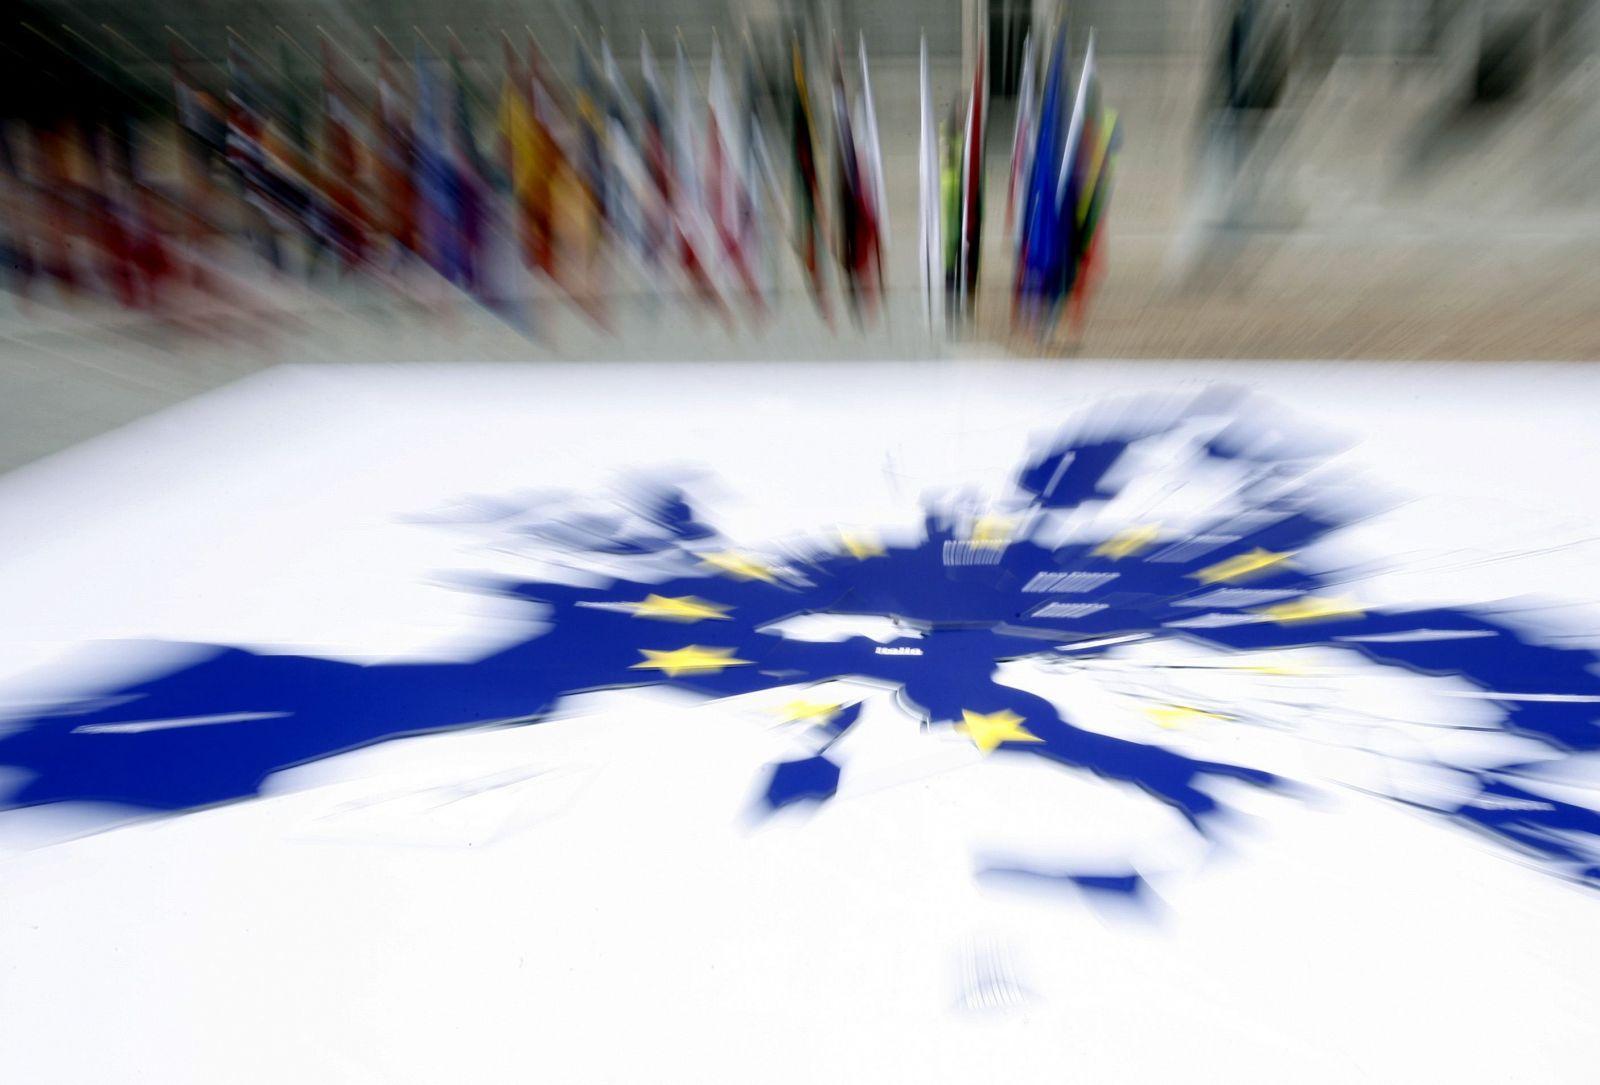 Vista parcial del puzle gigante de la Unión Europea (Madrid, España 2007)